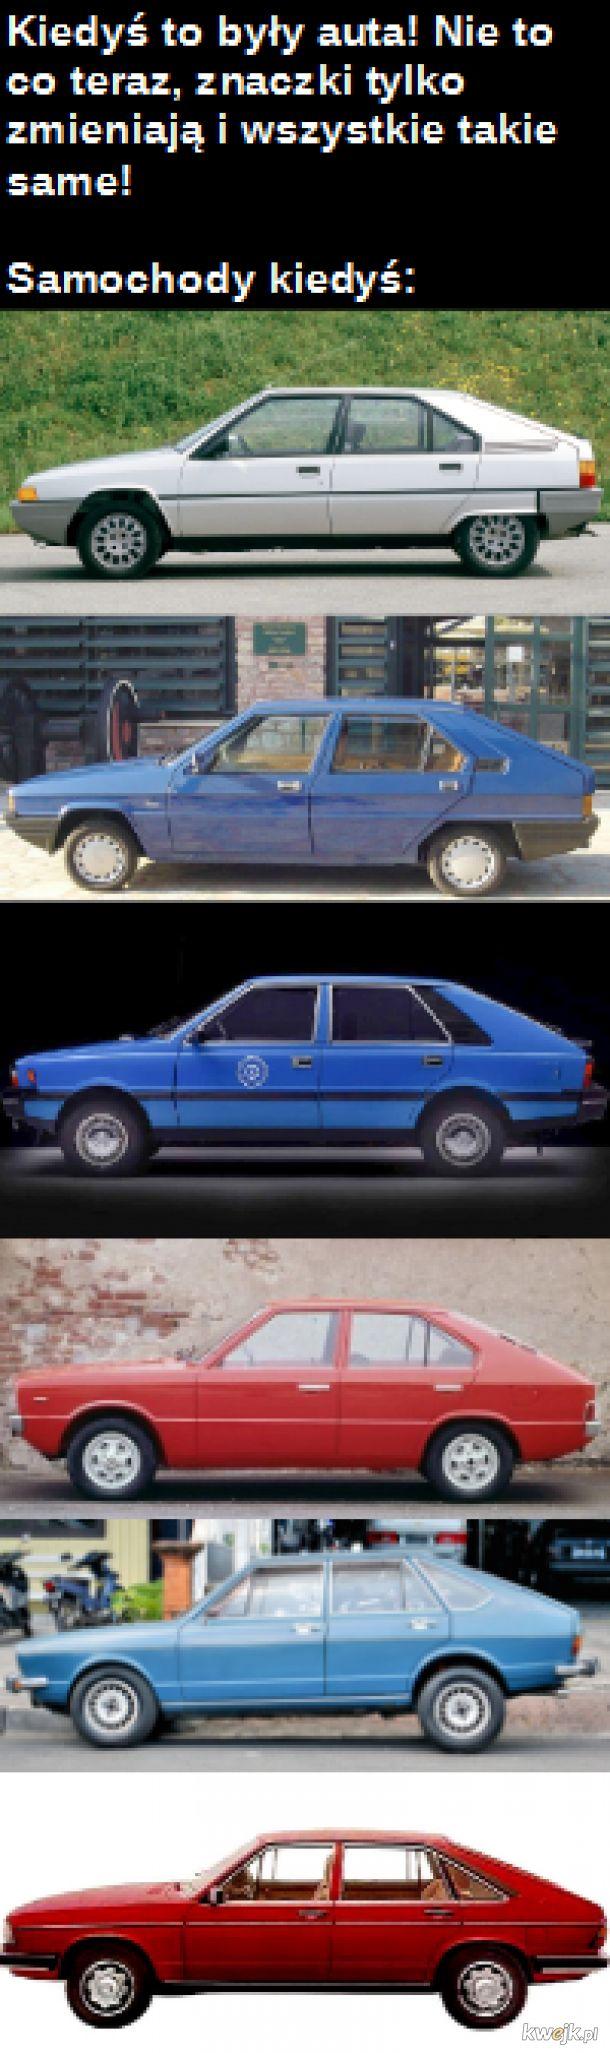 Kiedyś to były auta!